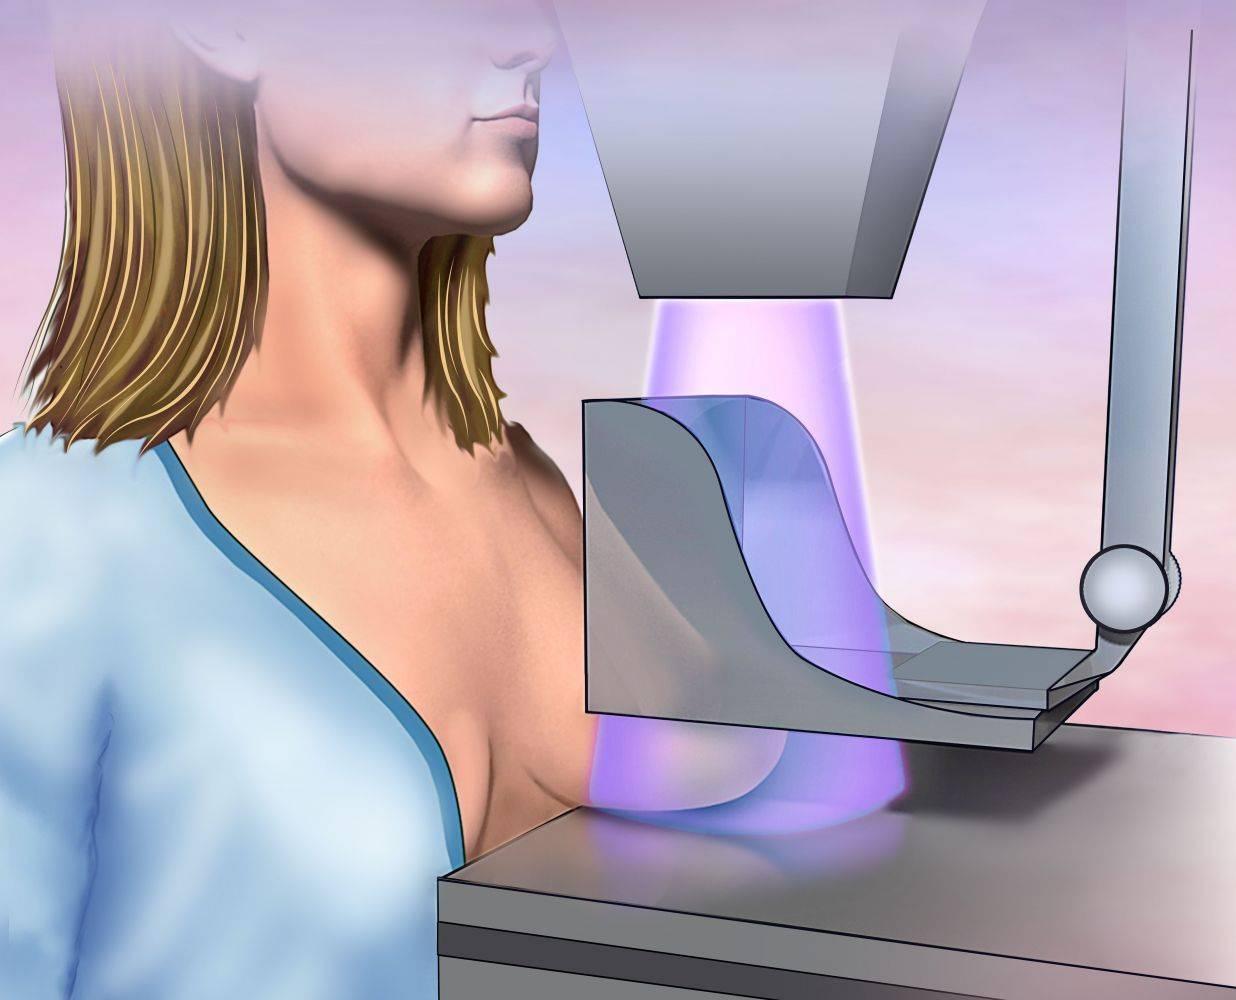 Дуктография молочной железы: показания и техника проведения